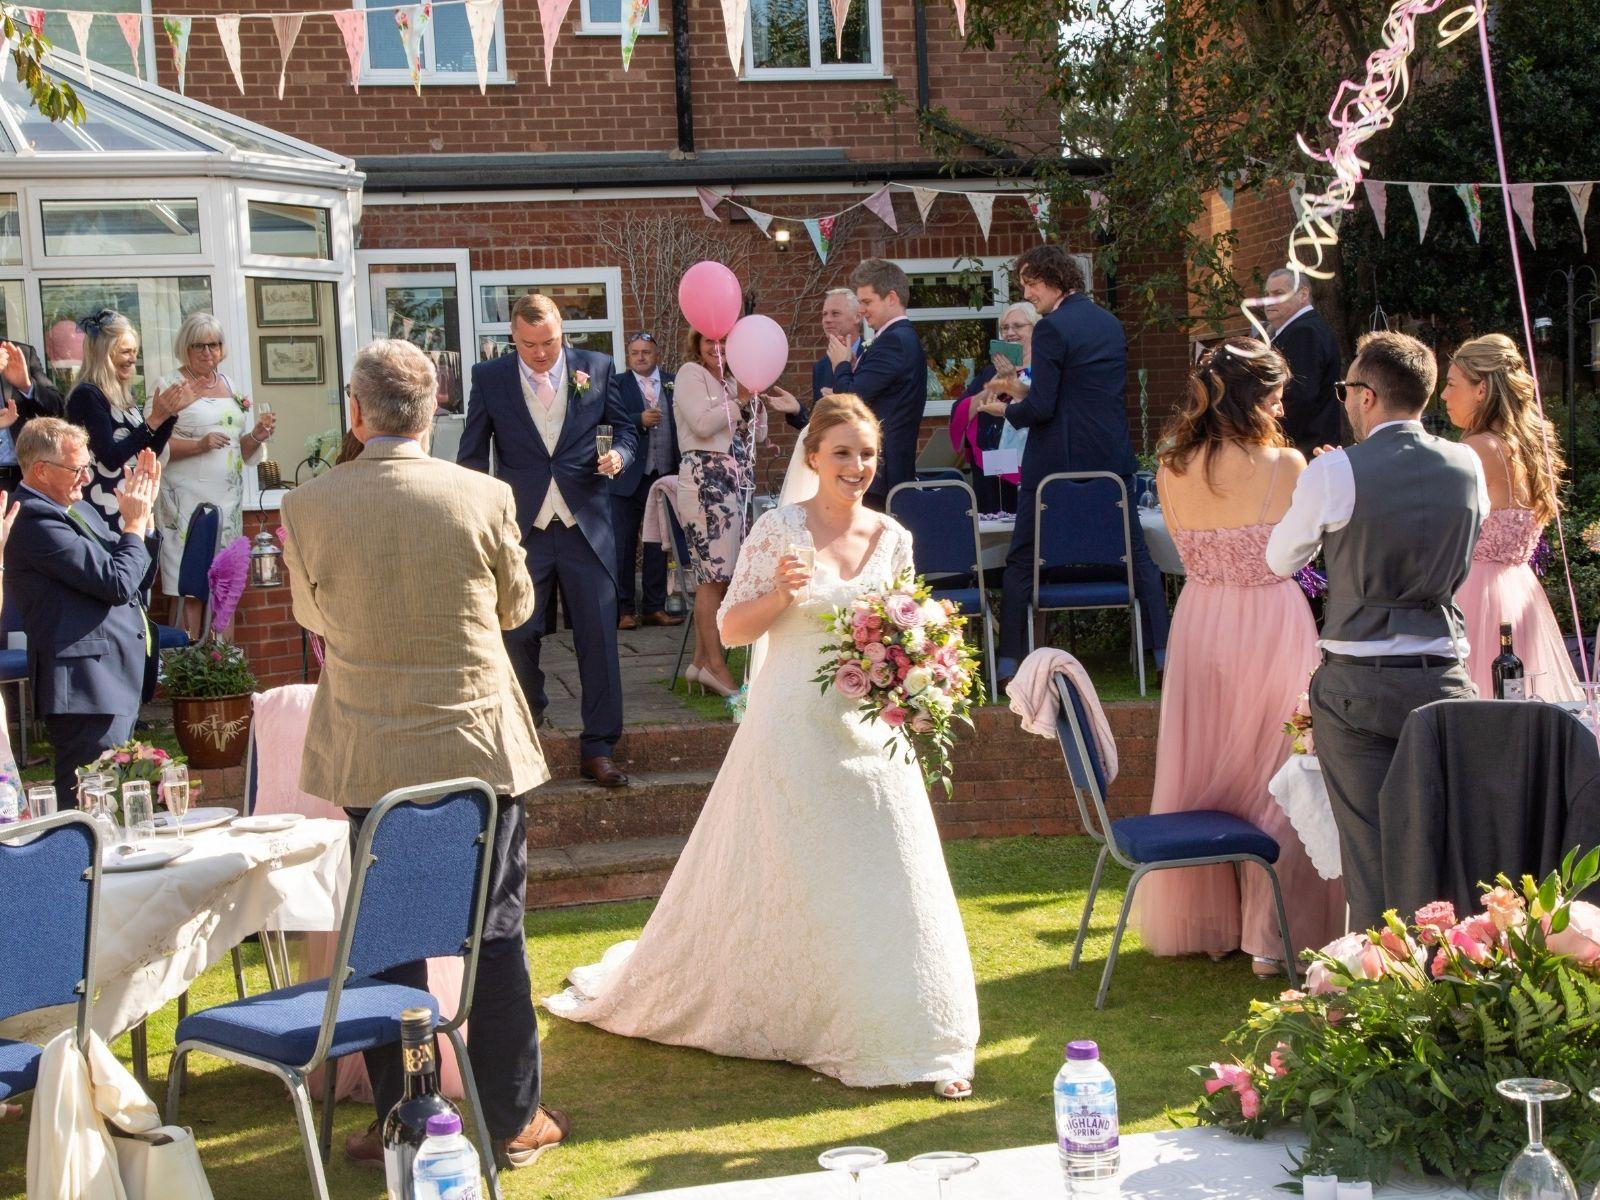 Rachel walking into her wedding reception in her parents' garden